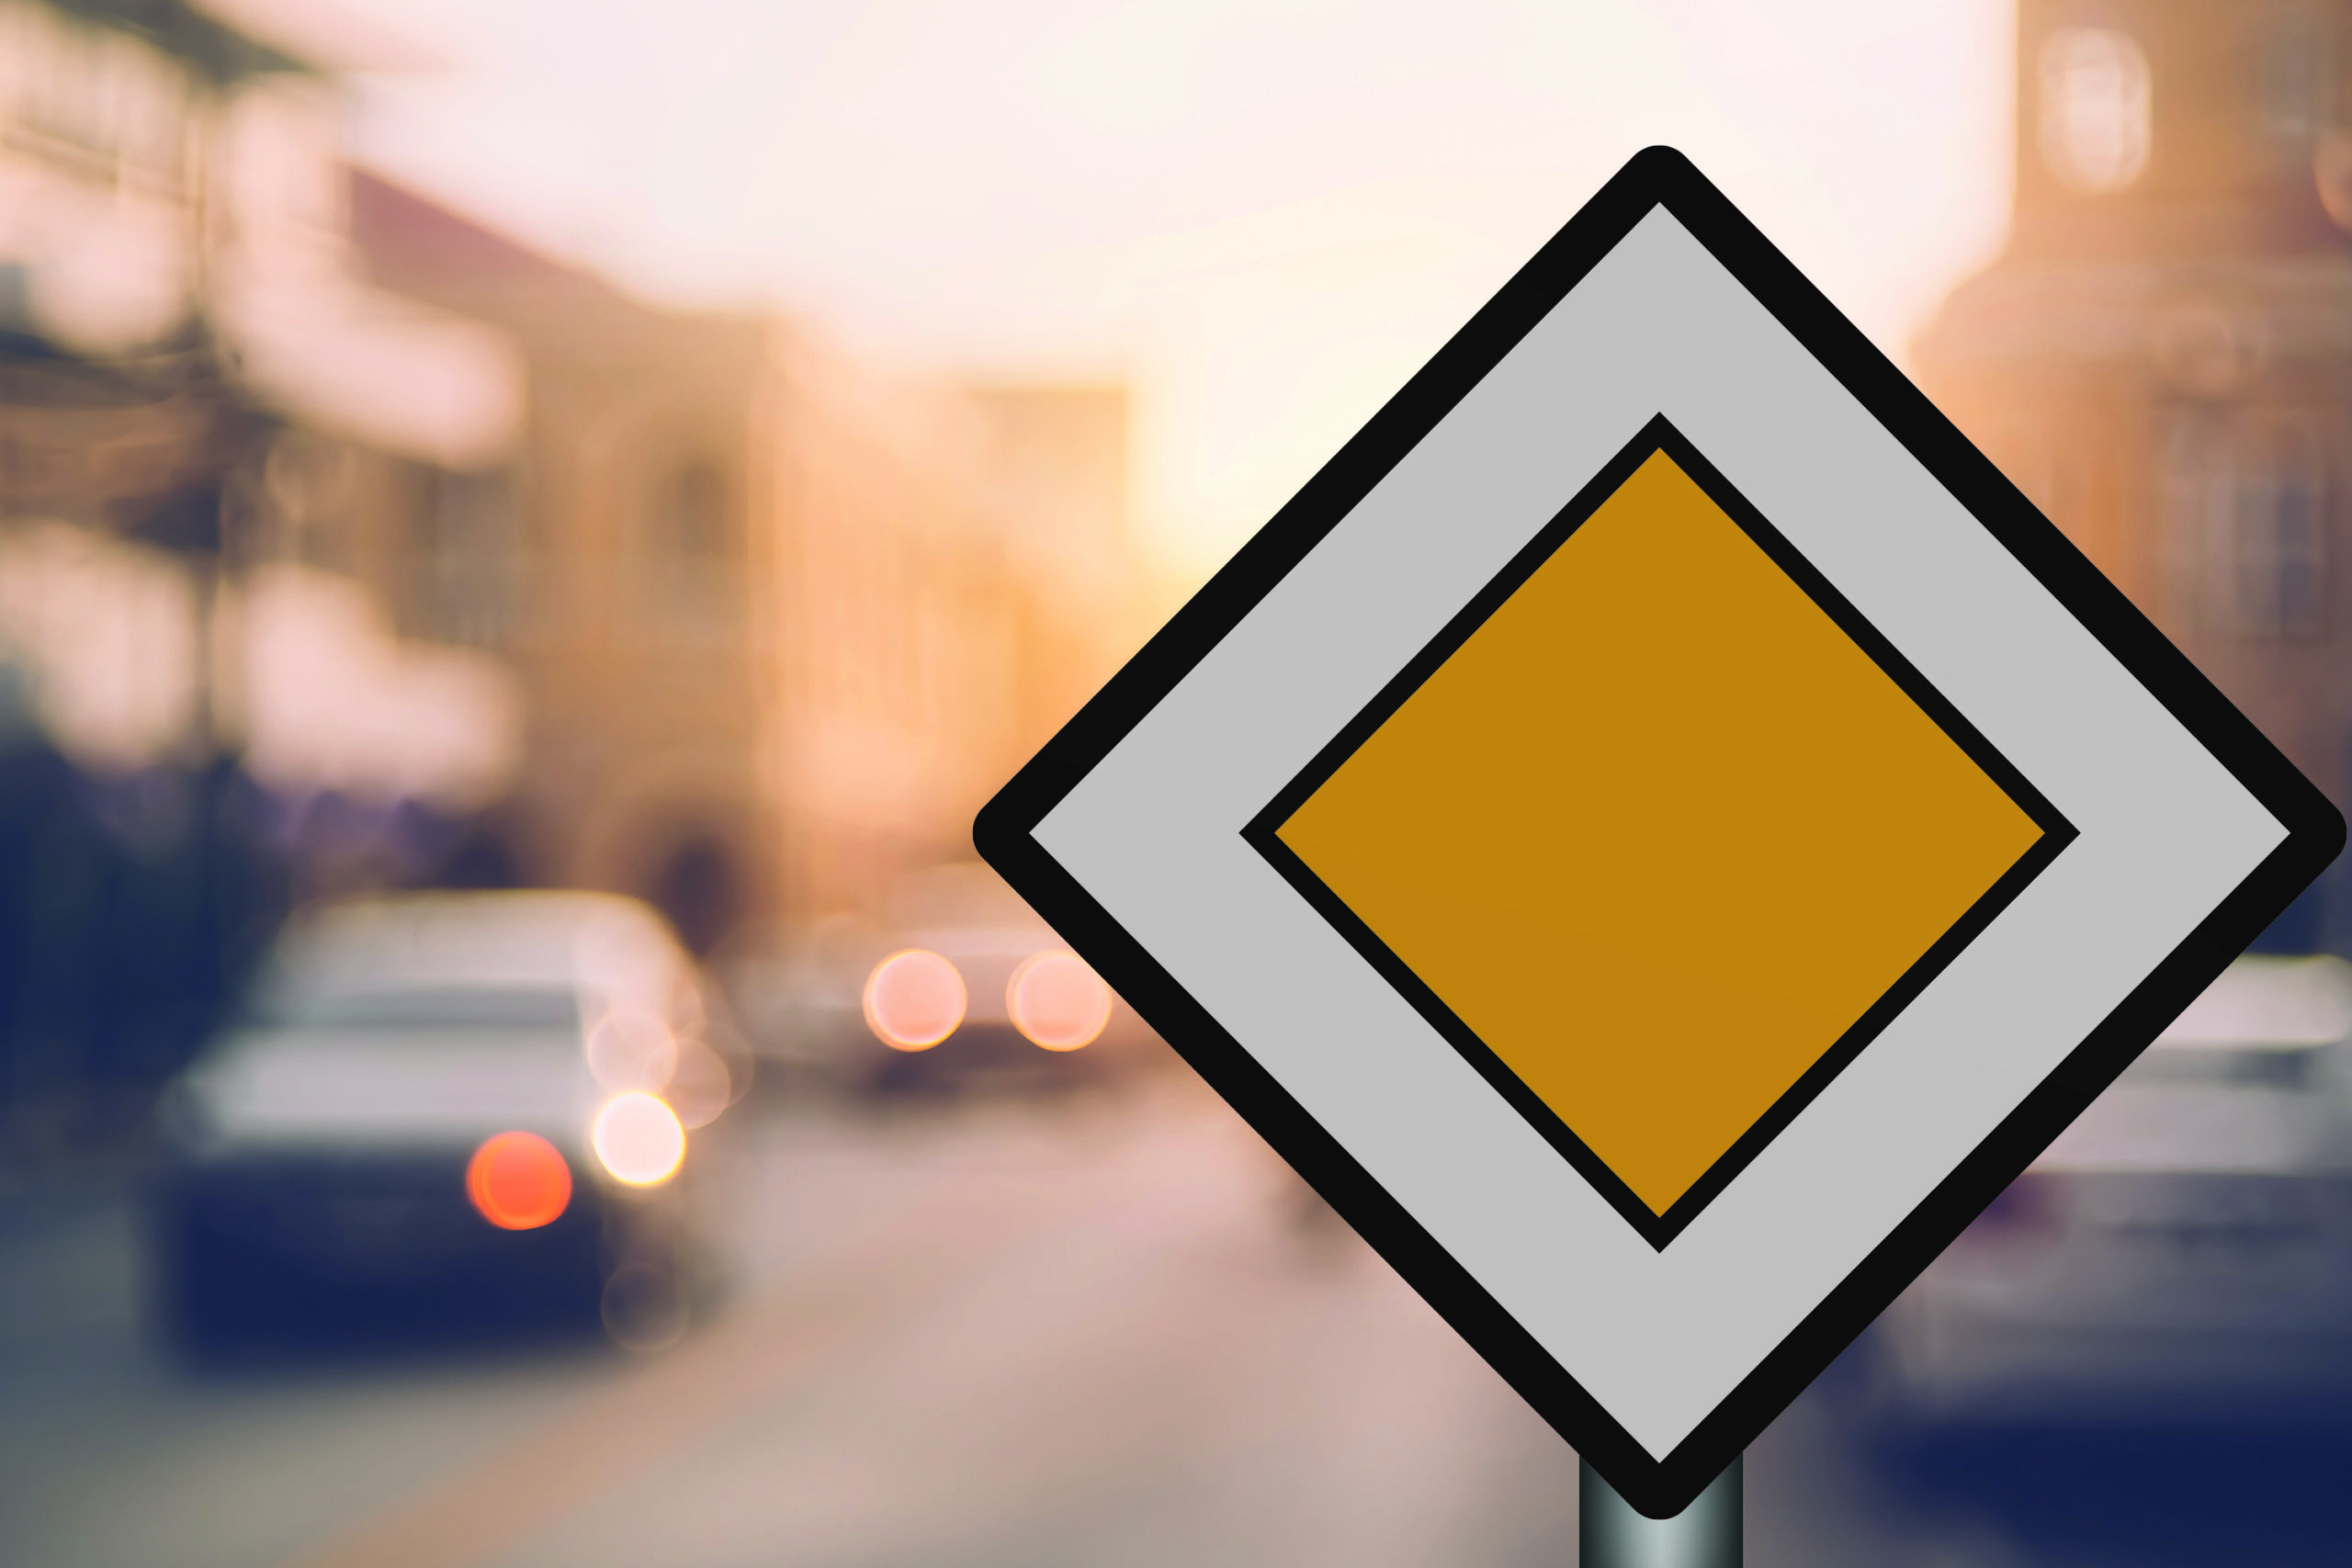 Bilde av et parkeringsskilt plassert ute på gata.